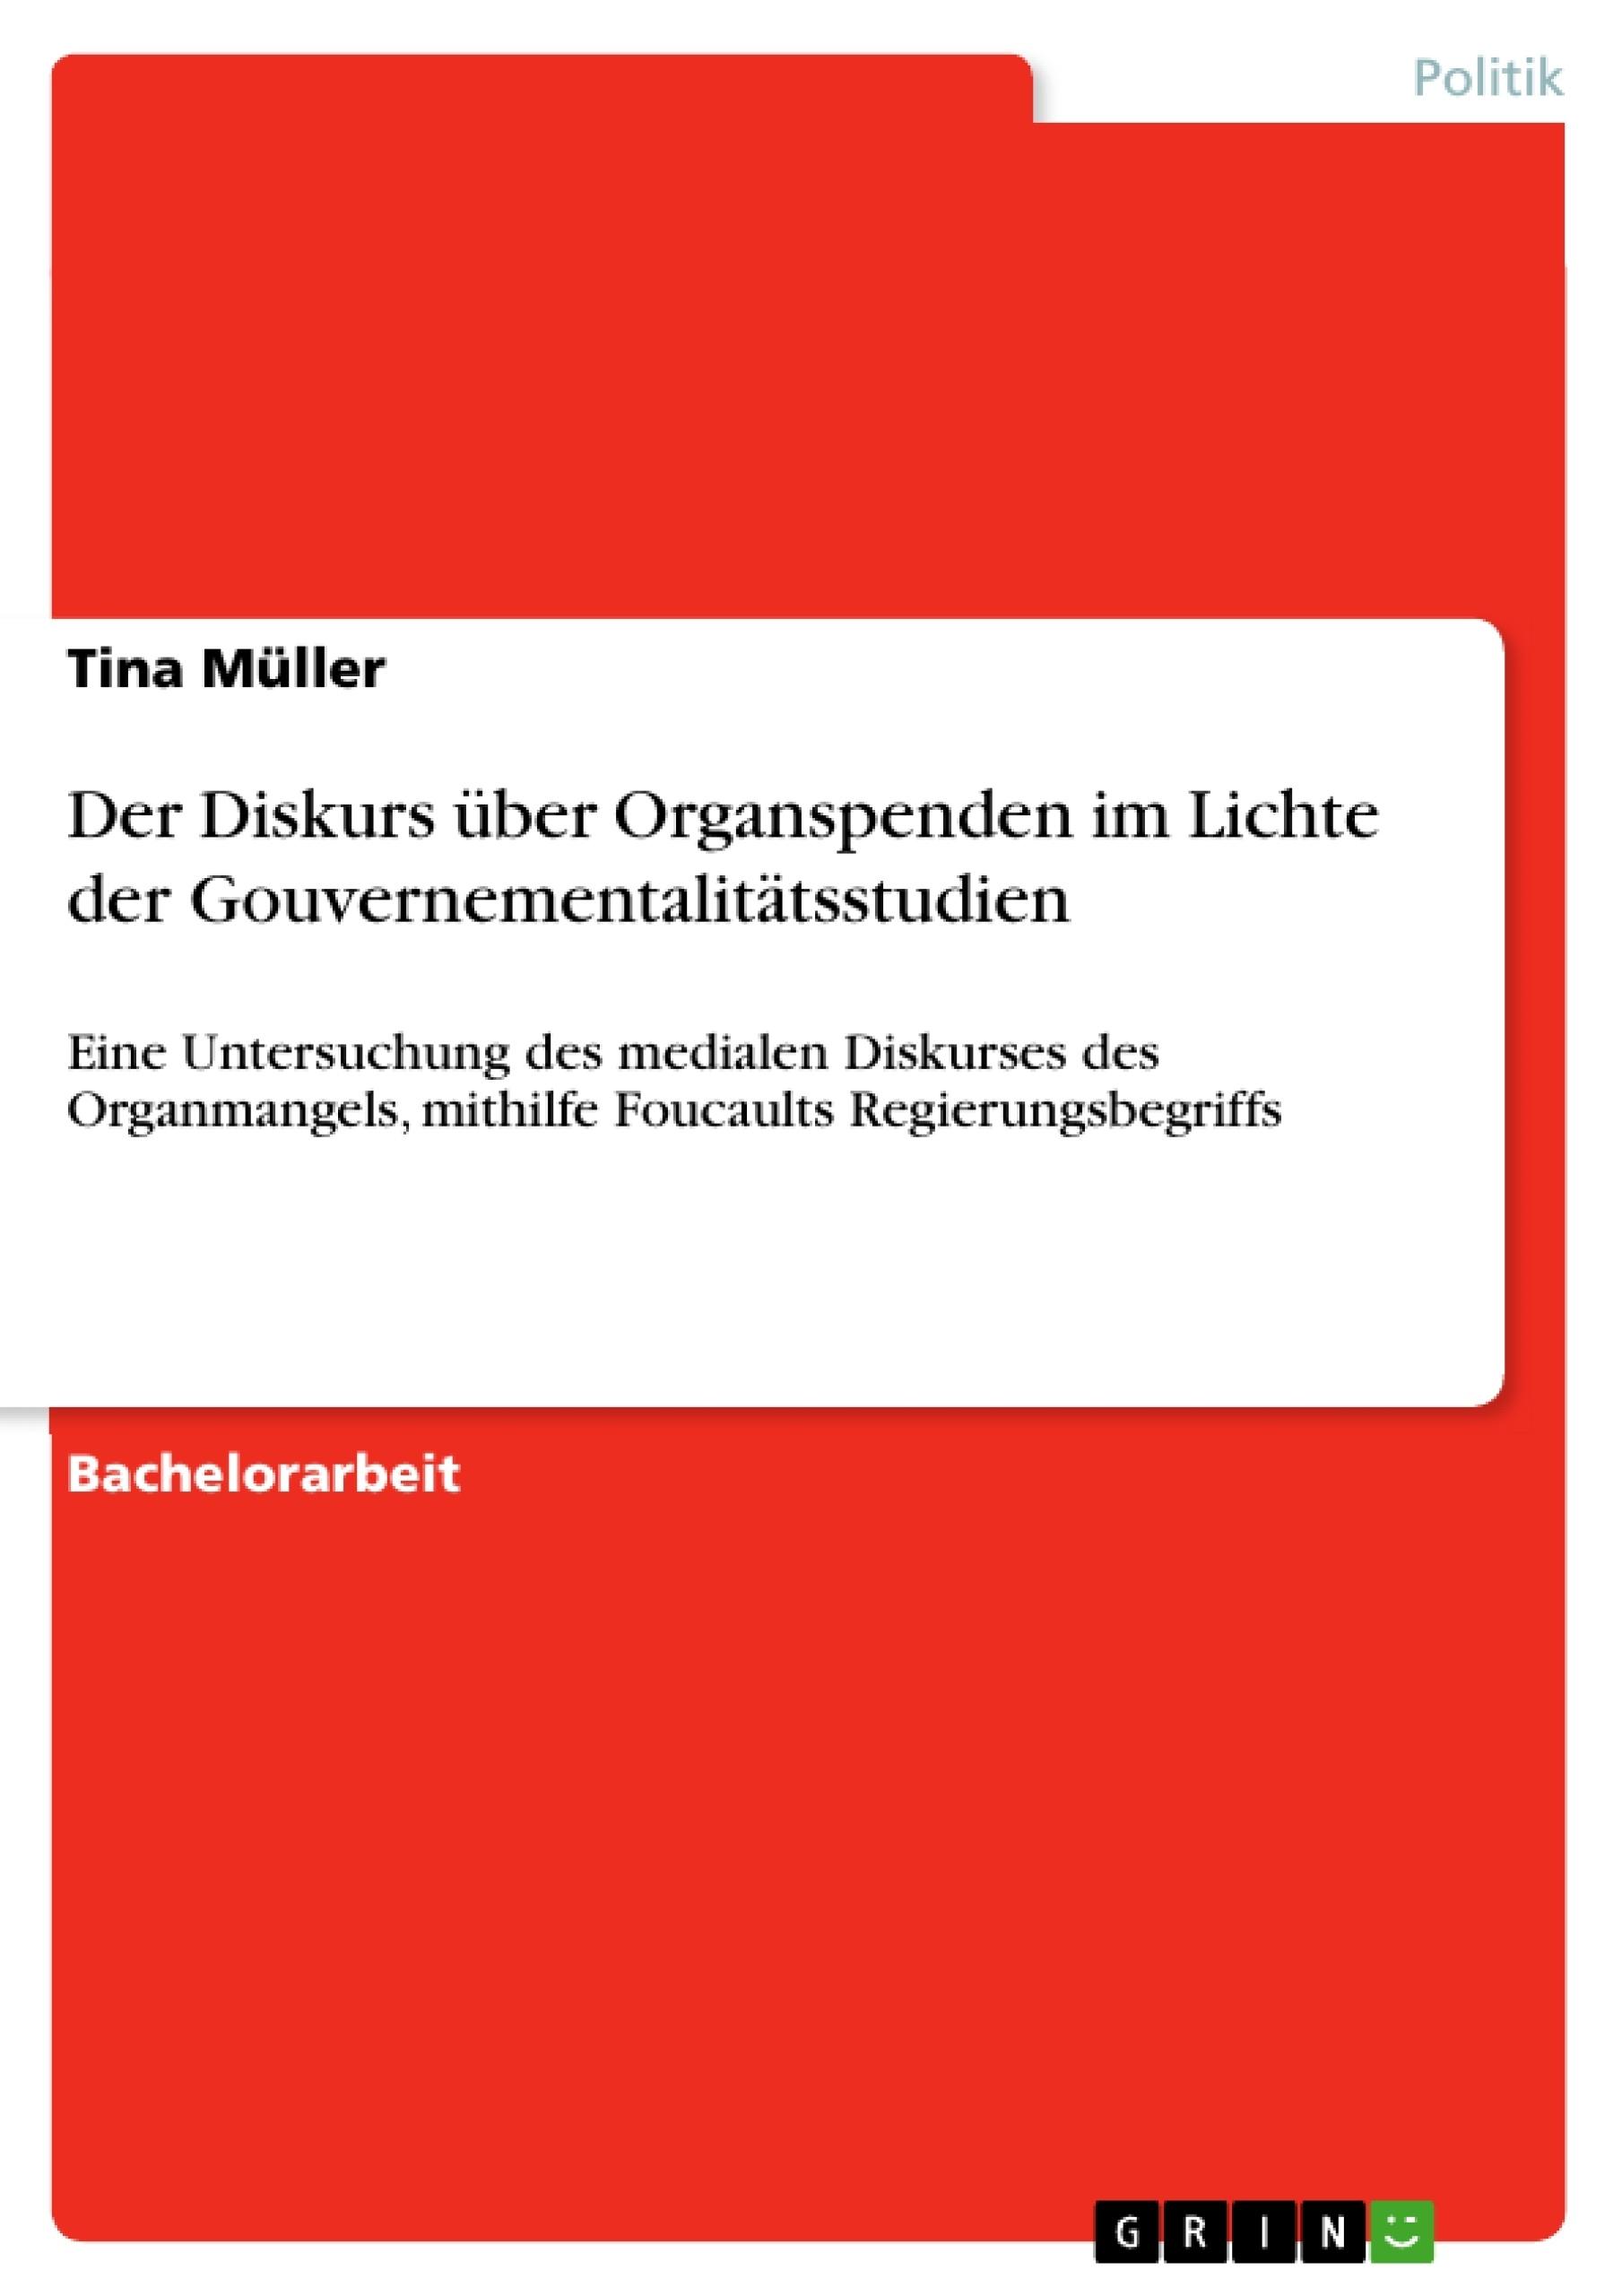 Titel: Der Diskurs über Organspenden im Lichte der Gouvernementalitätsstudien